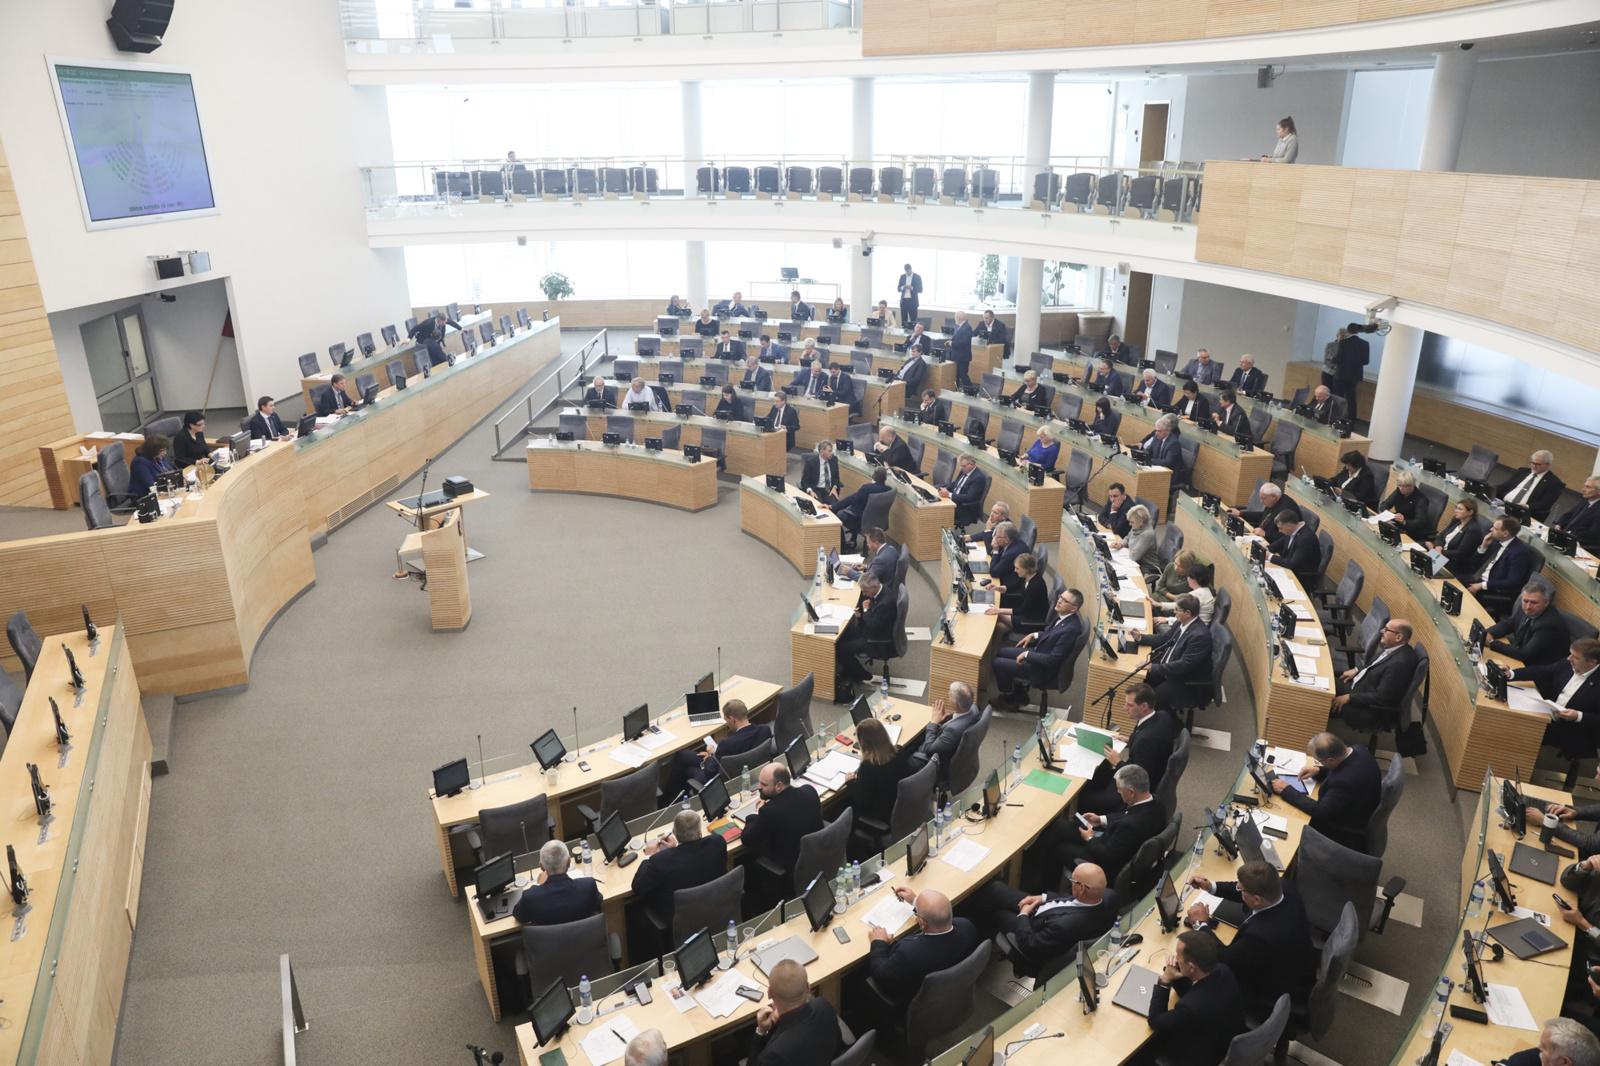 Dėl projektų ekspertinio vertinimo Seimas kreipsis į Konstitucinį Teismą